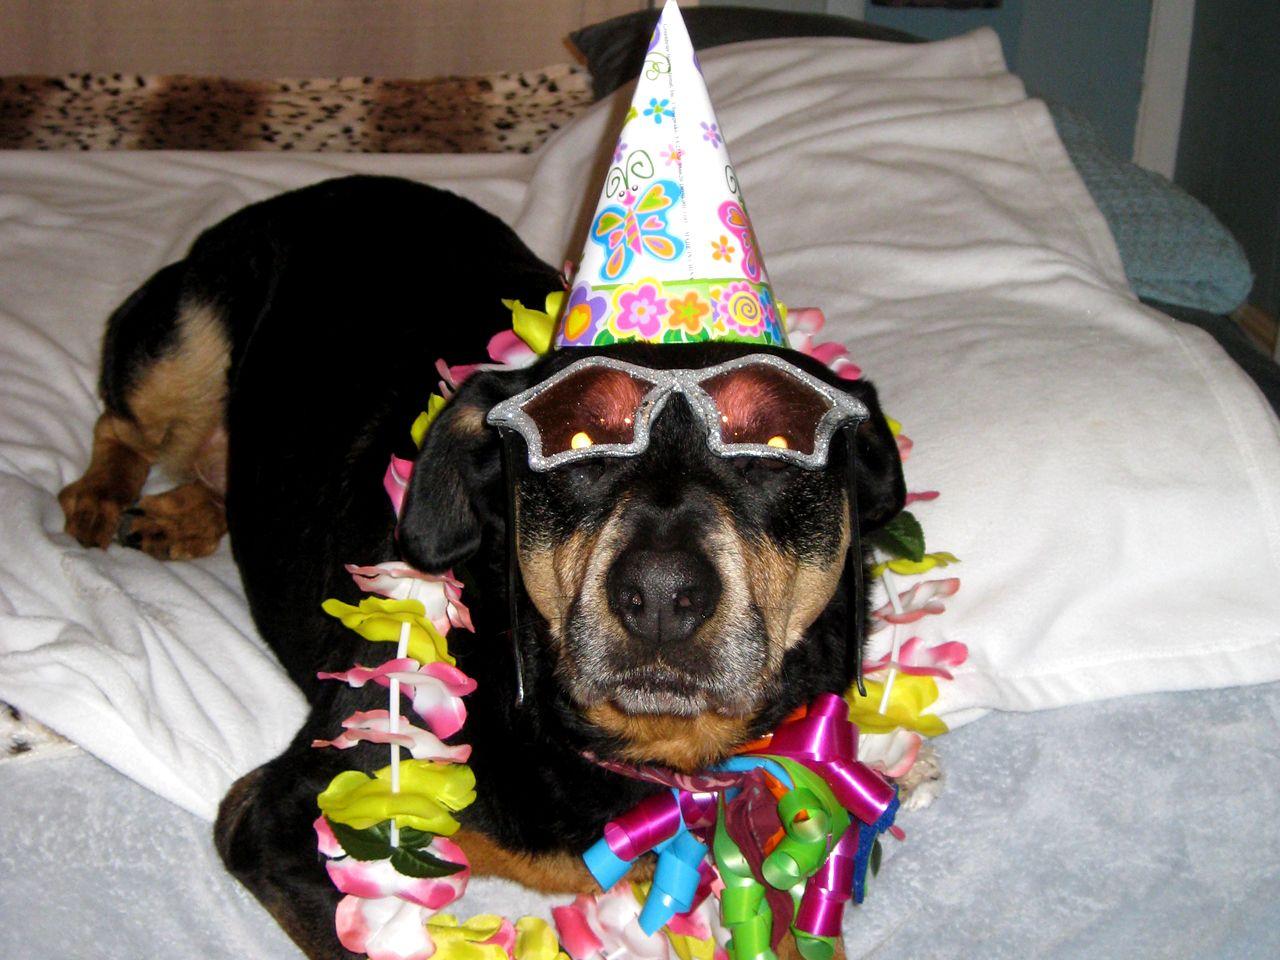 шепелев день рождения у собаки поздравление фото будет неправильно думать